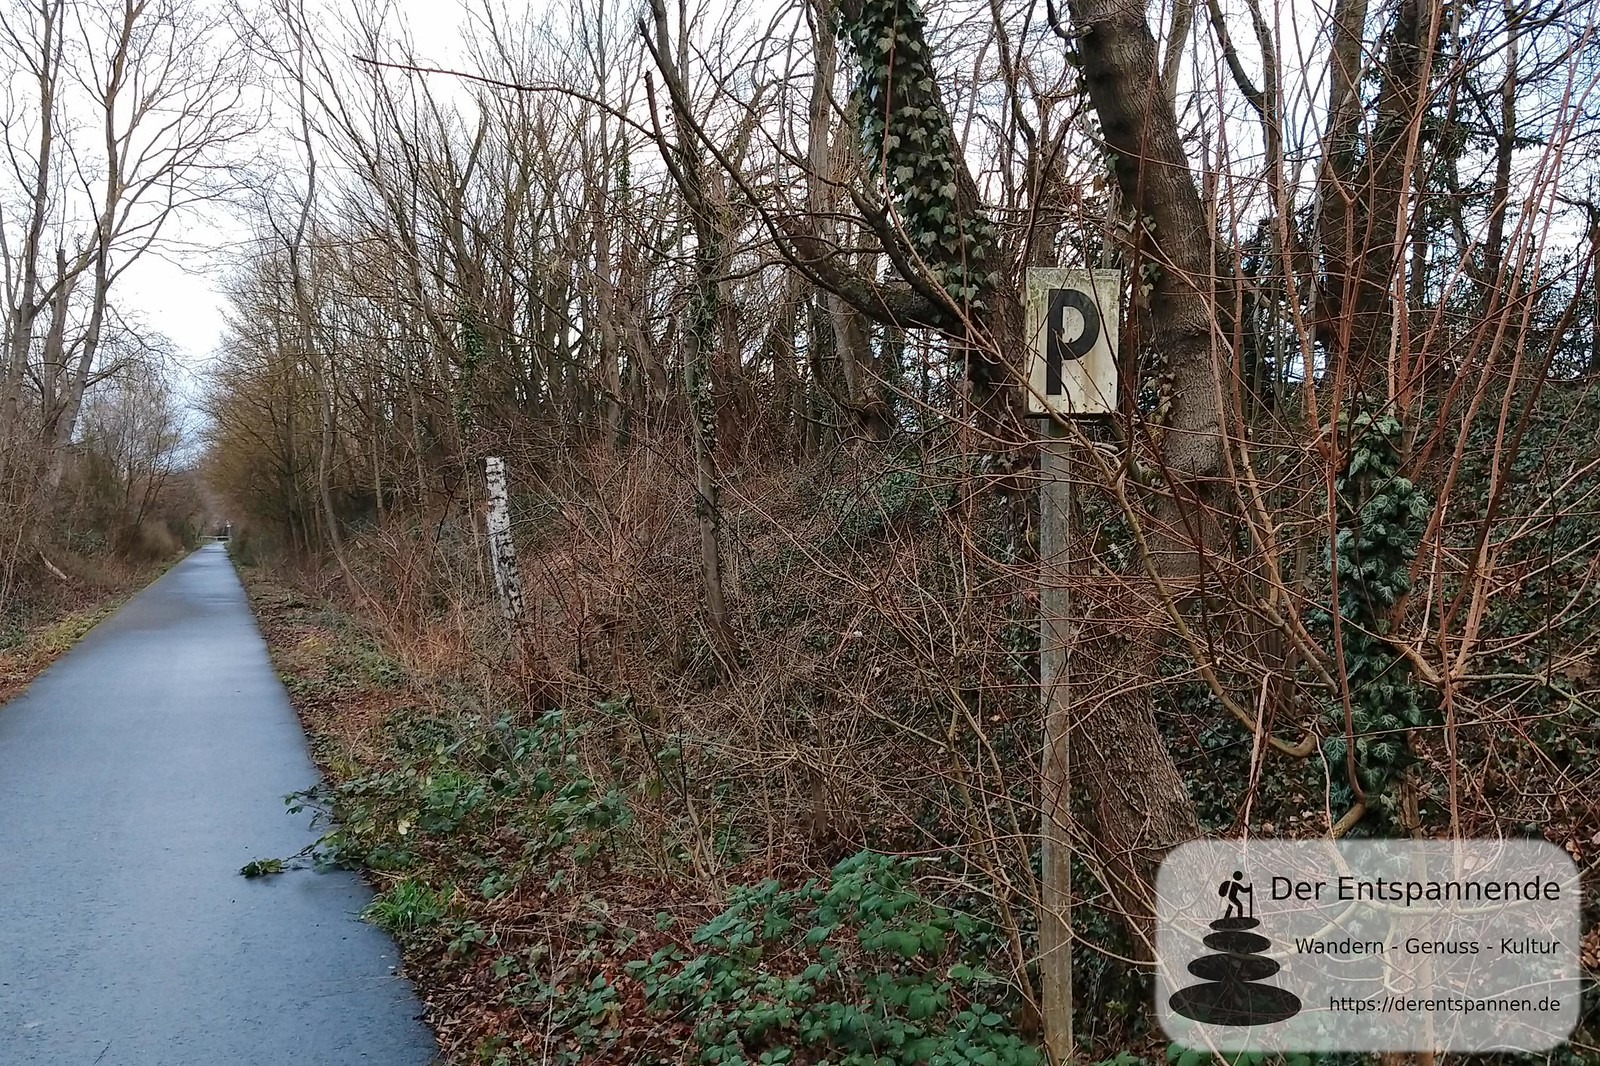 Pfeiftafel der Bahn bei Mommenheim am Radweg von Selzen nach Mommenheim, ehemalige Bahnstrecke Alzey-Bodenheim (Amiche)